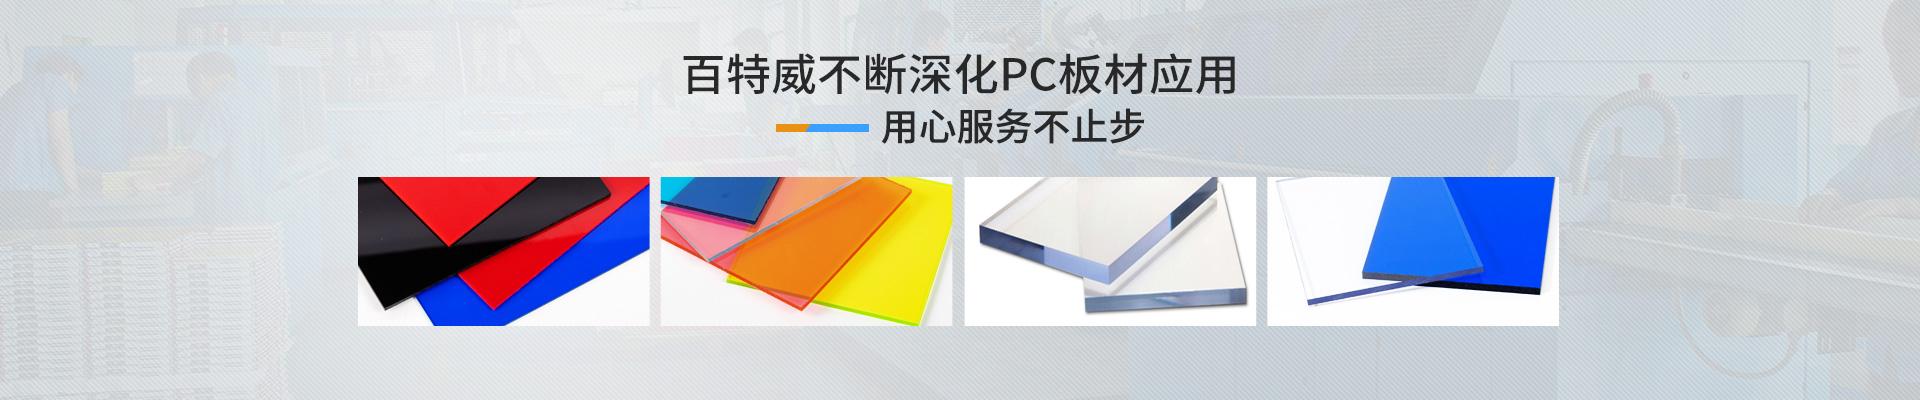 百特威不断深化PC板材应用